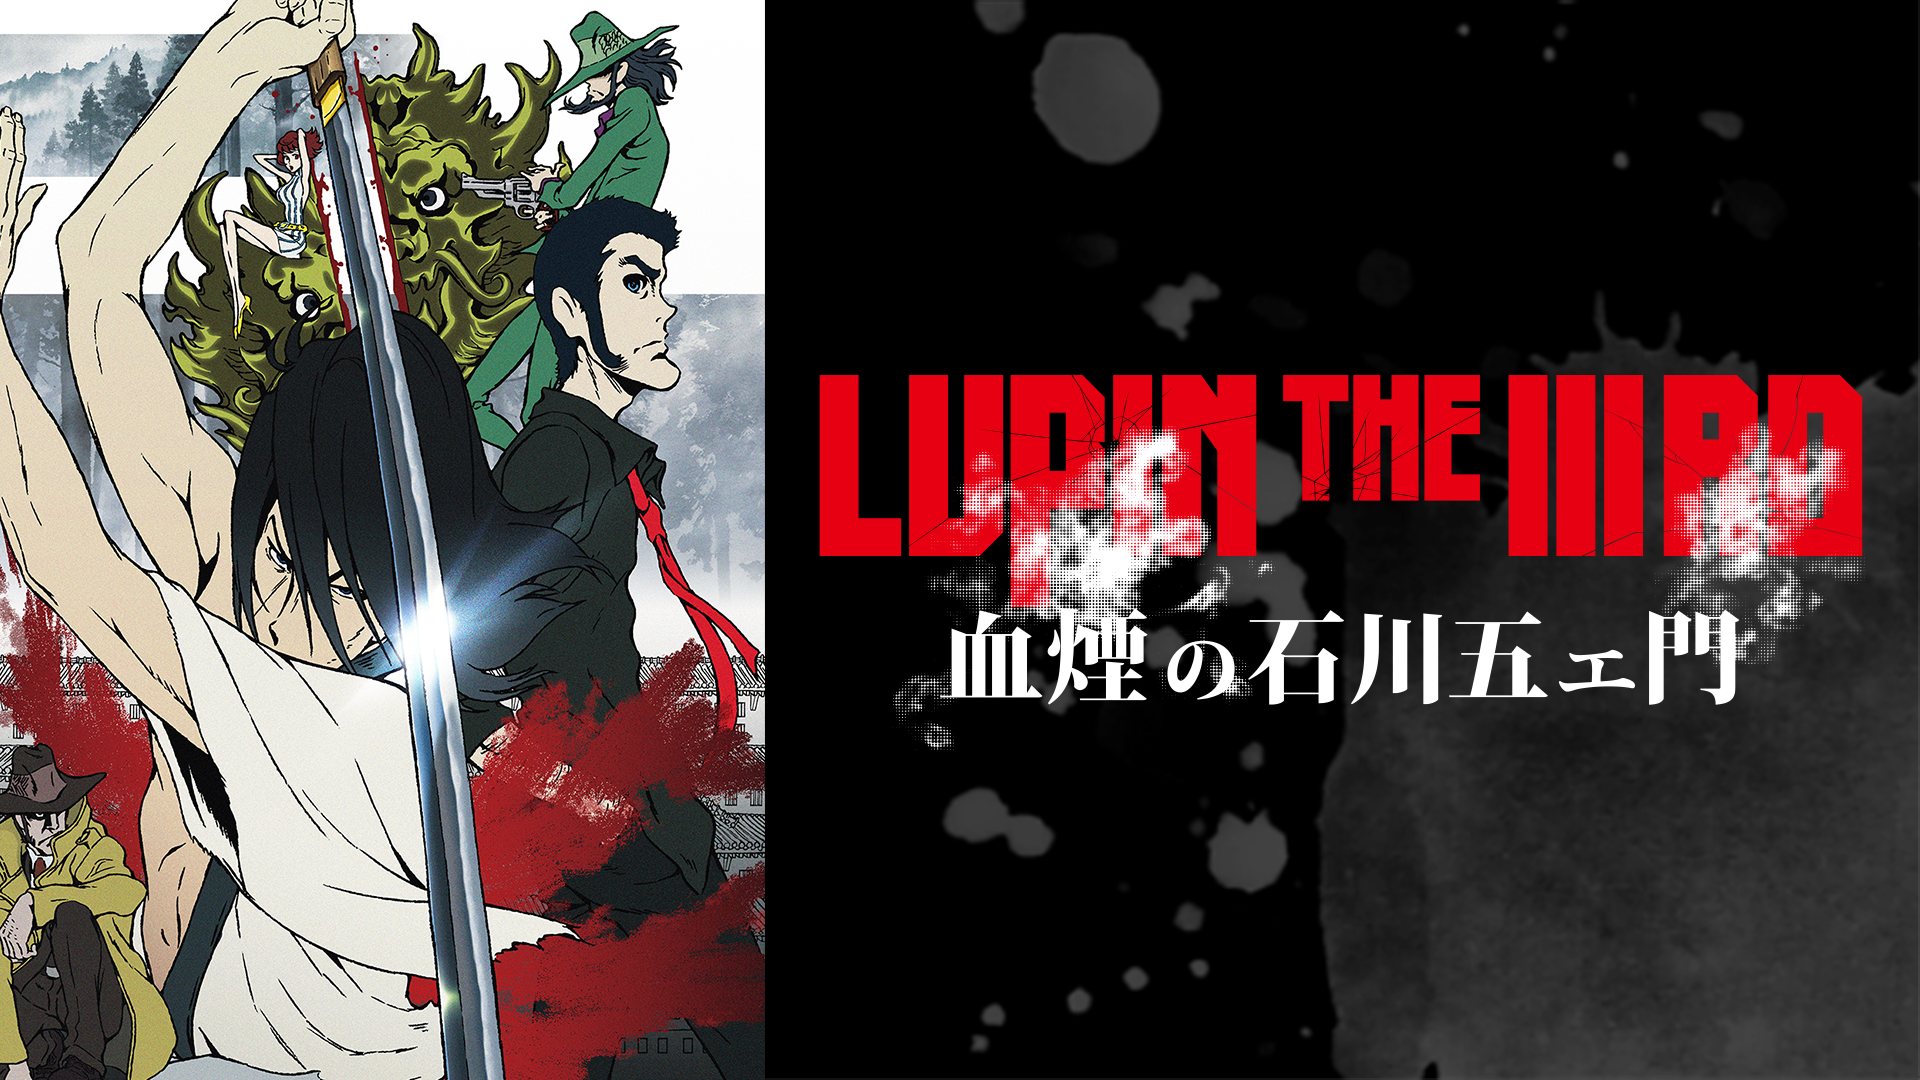 LUPIN THE ⅢRD 血煙の石川五エ門(dアニメストア)